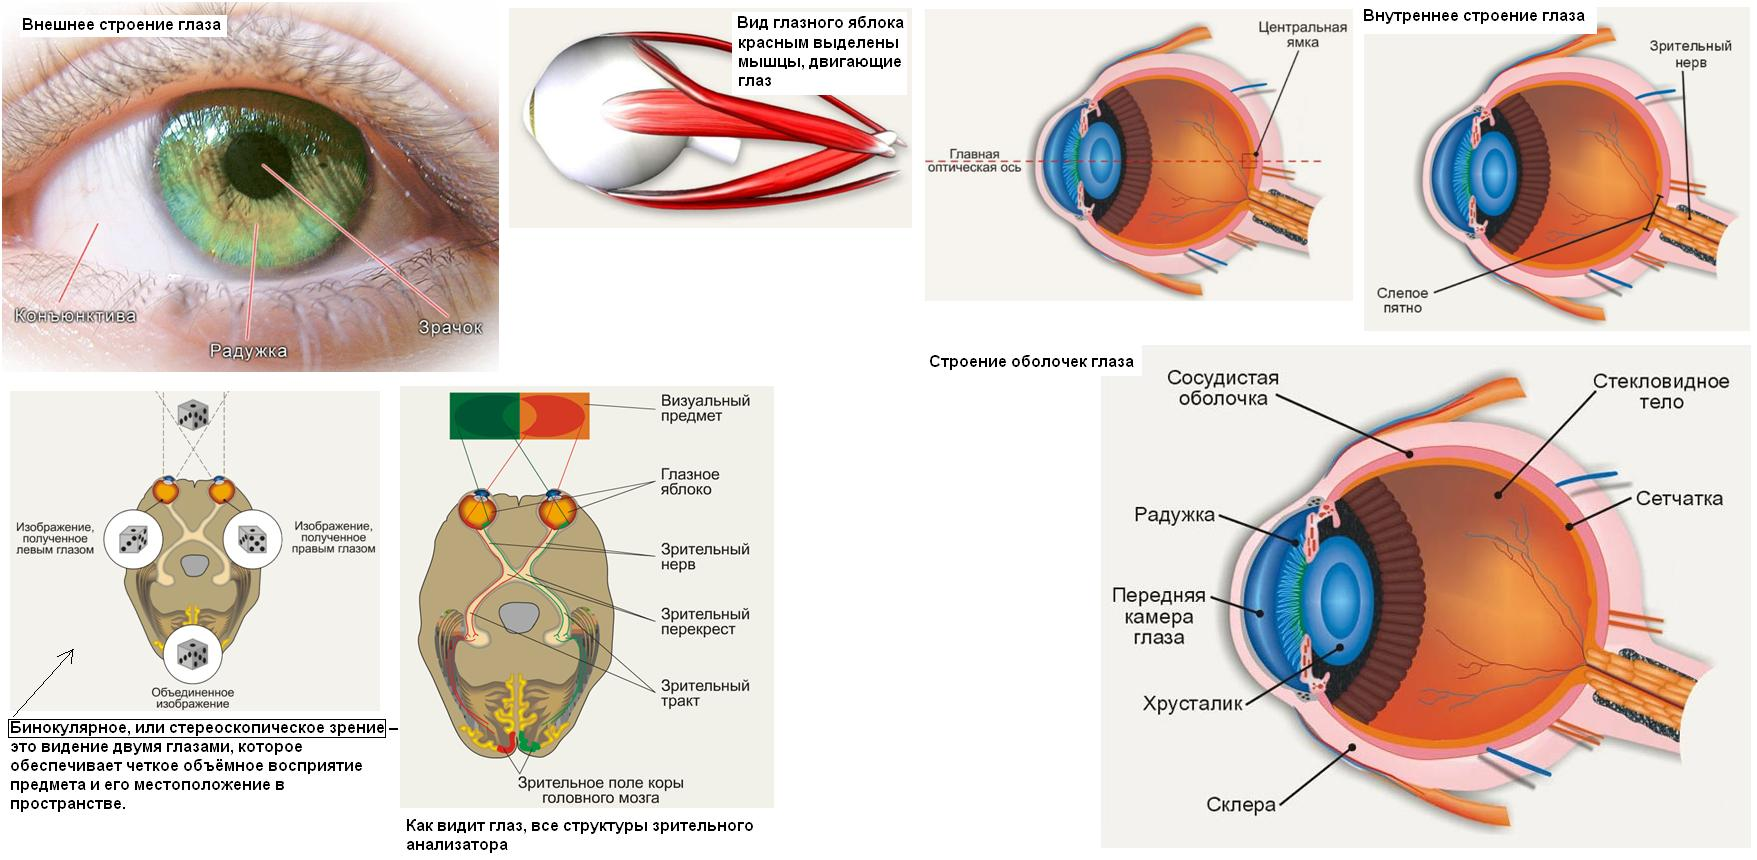 Строение глаза человека - анатомия, рисунки, фото